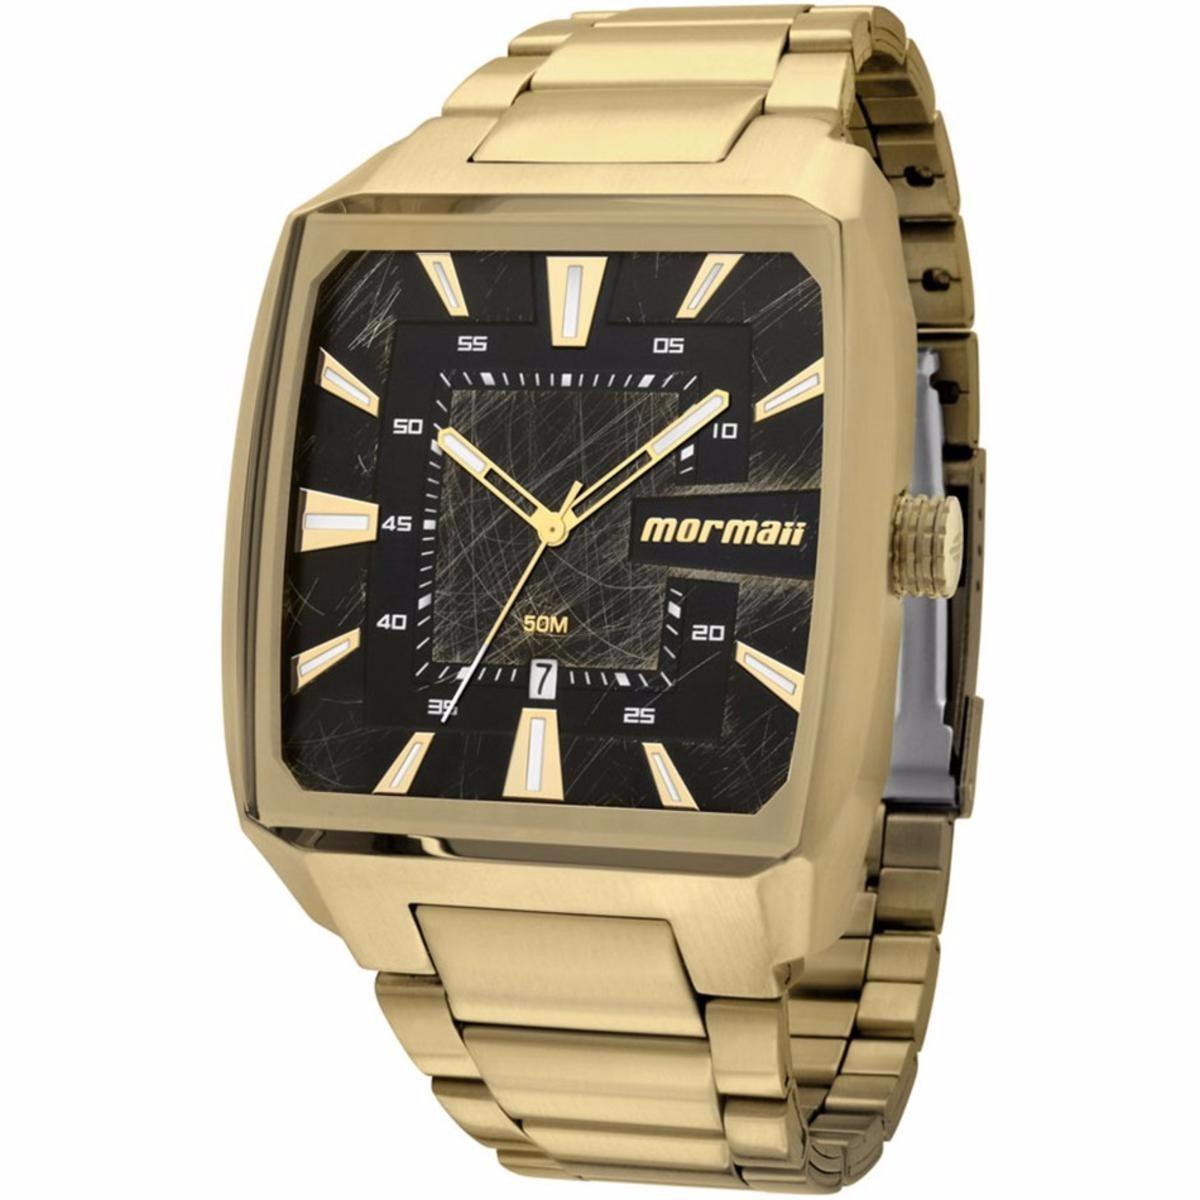 6485f18d9a8a6 relógio mormaii masculino mo2315am 3p dourado extra grande. Carregando zoom.